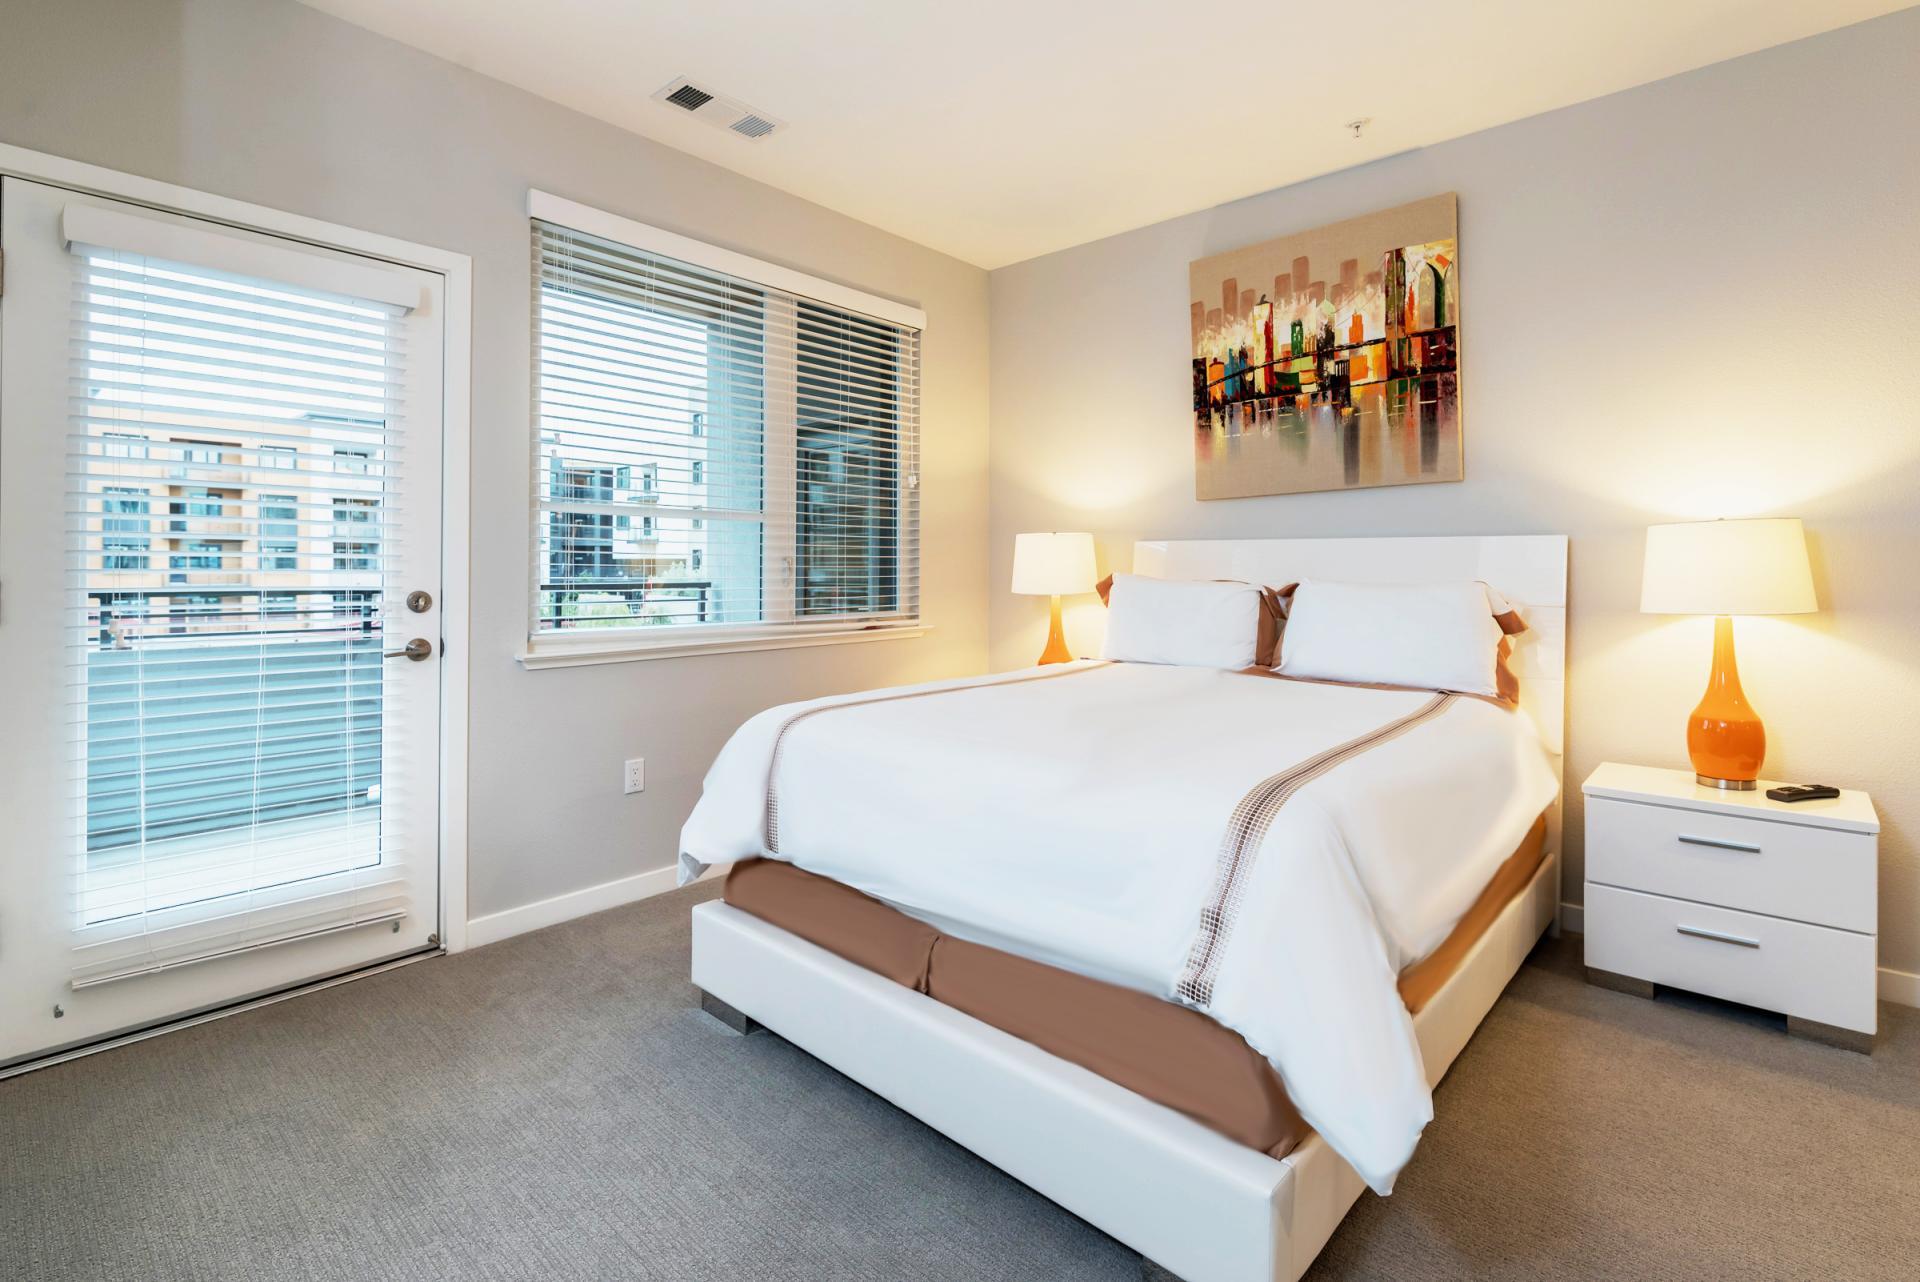 Bed at Anton Menlo Apartments, Friendly Acres, Menlo Park